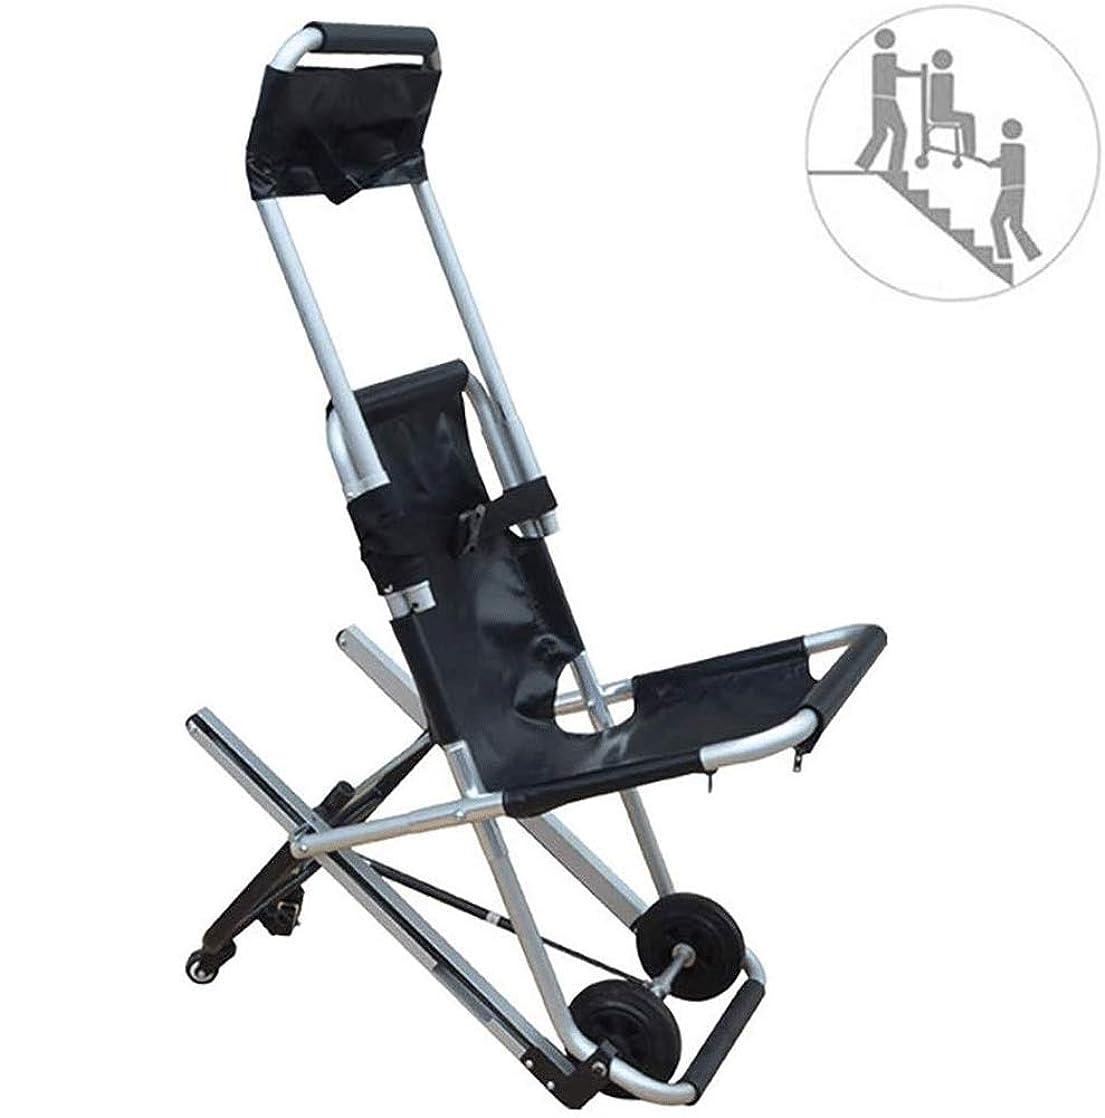 乱用動かない忙しい折り畳み式のEMS階段椅子、高齢者、障害者のためのクイックリリースバックル付き4ホイールアルミ軽量医療モビリティエイドで追跡階段チェア (Color : 黒)